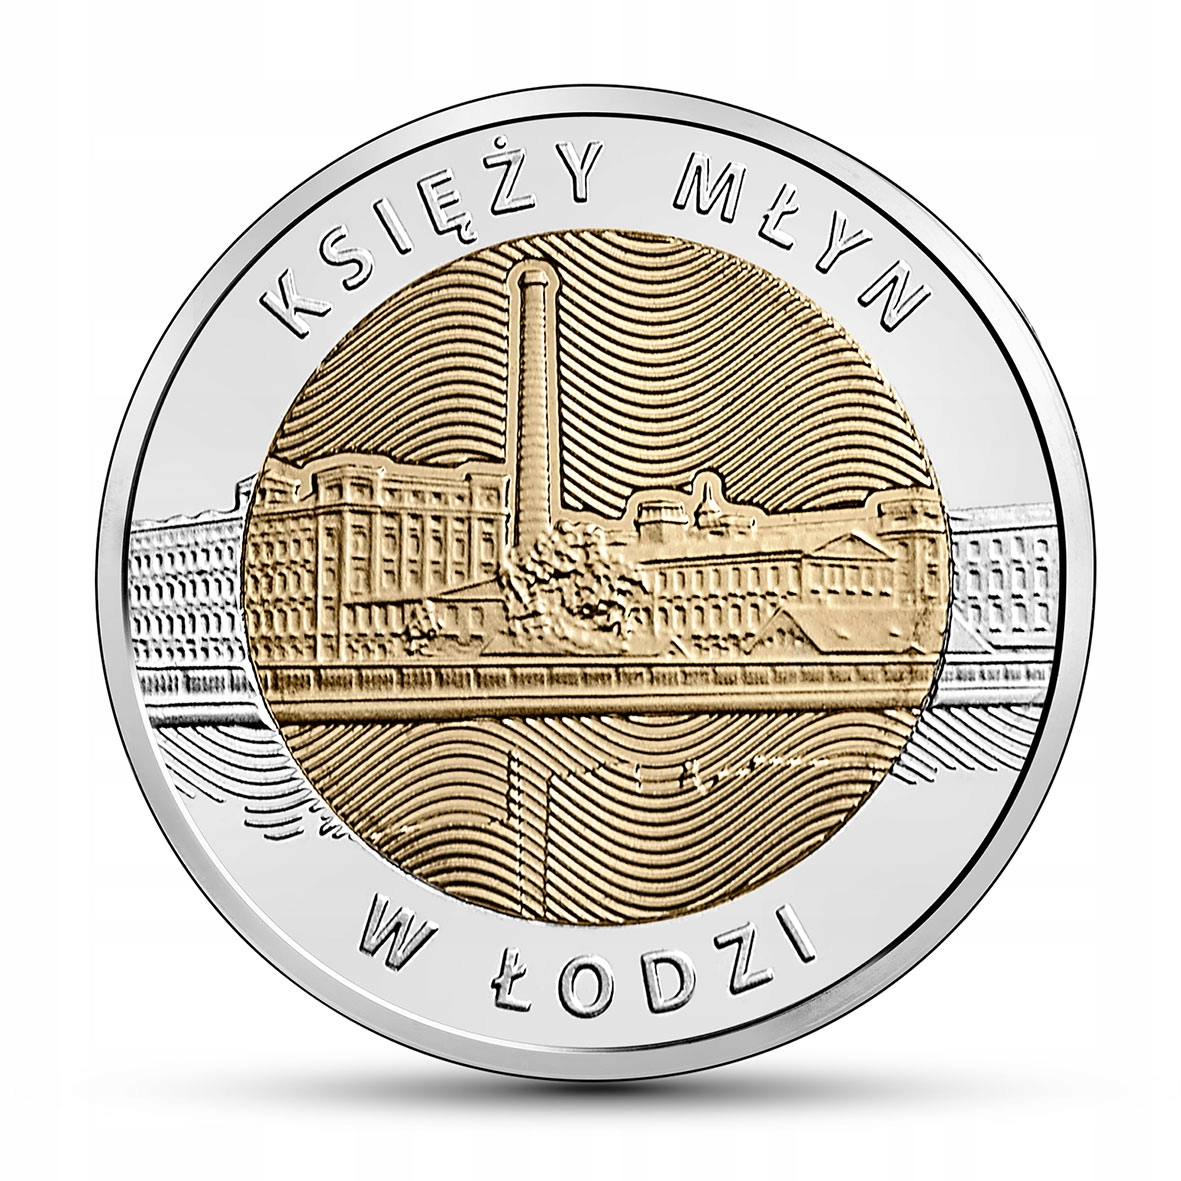 Moneta 5 zł Księży Młyn w Łodzi